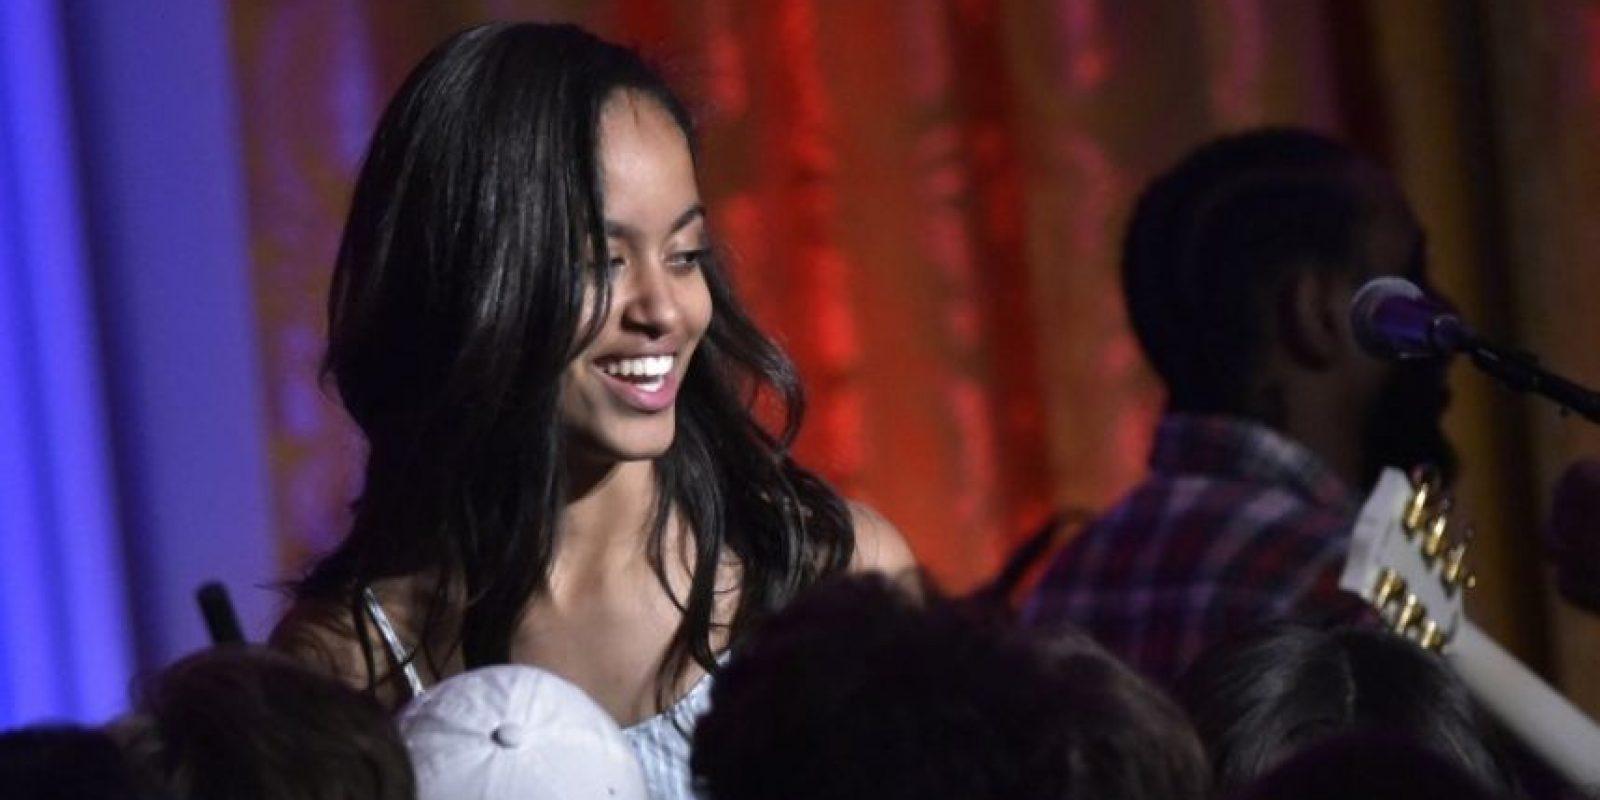 Malia Obama cumplió 18 años. Tenía 10 cuando llegó a la Casa Blanca Foto:AFP